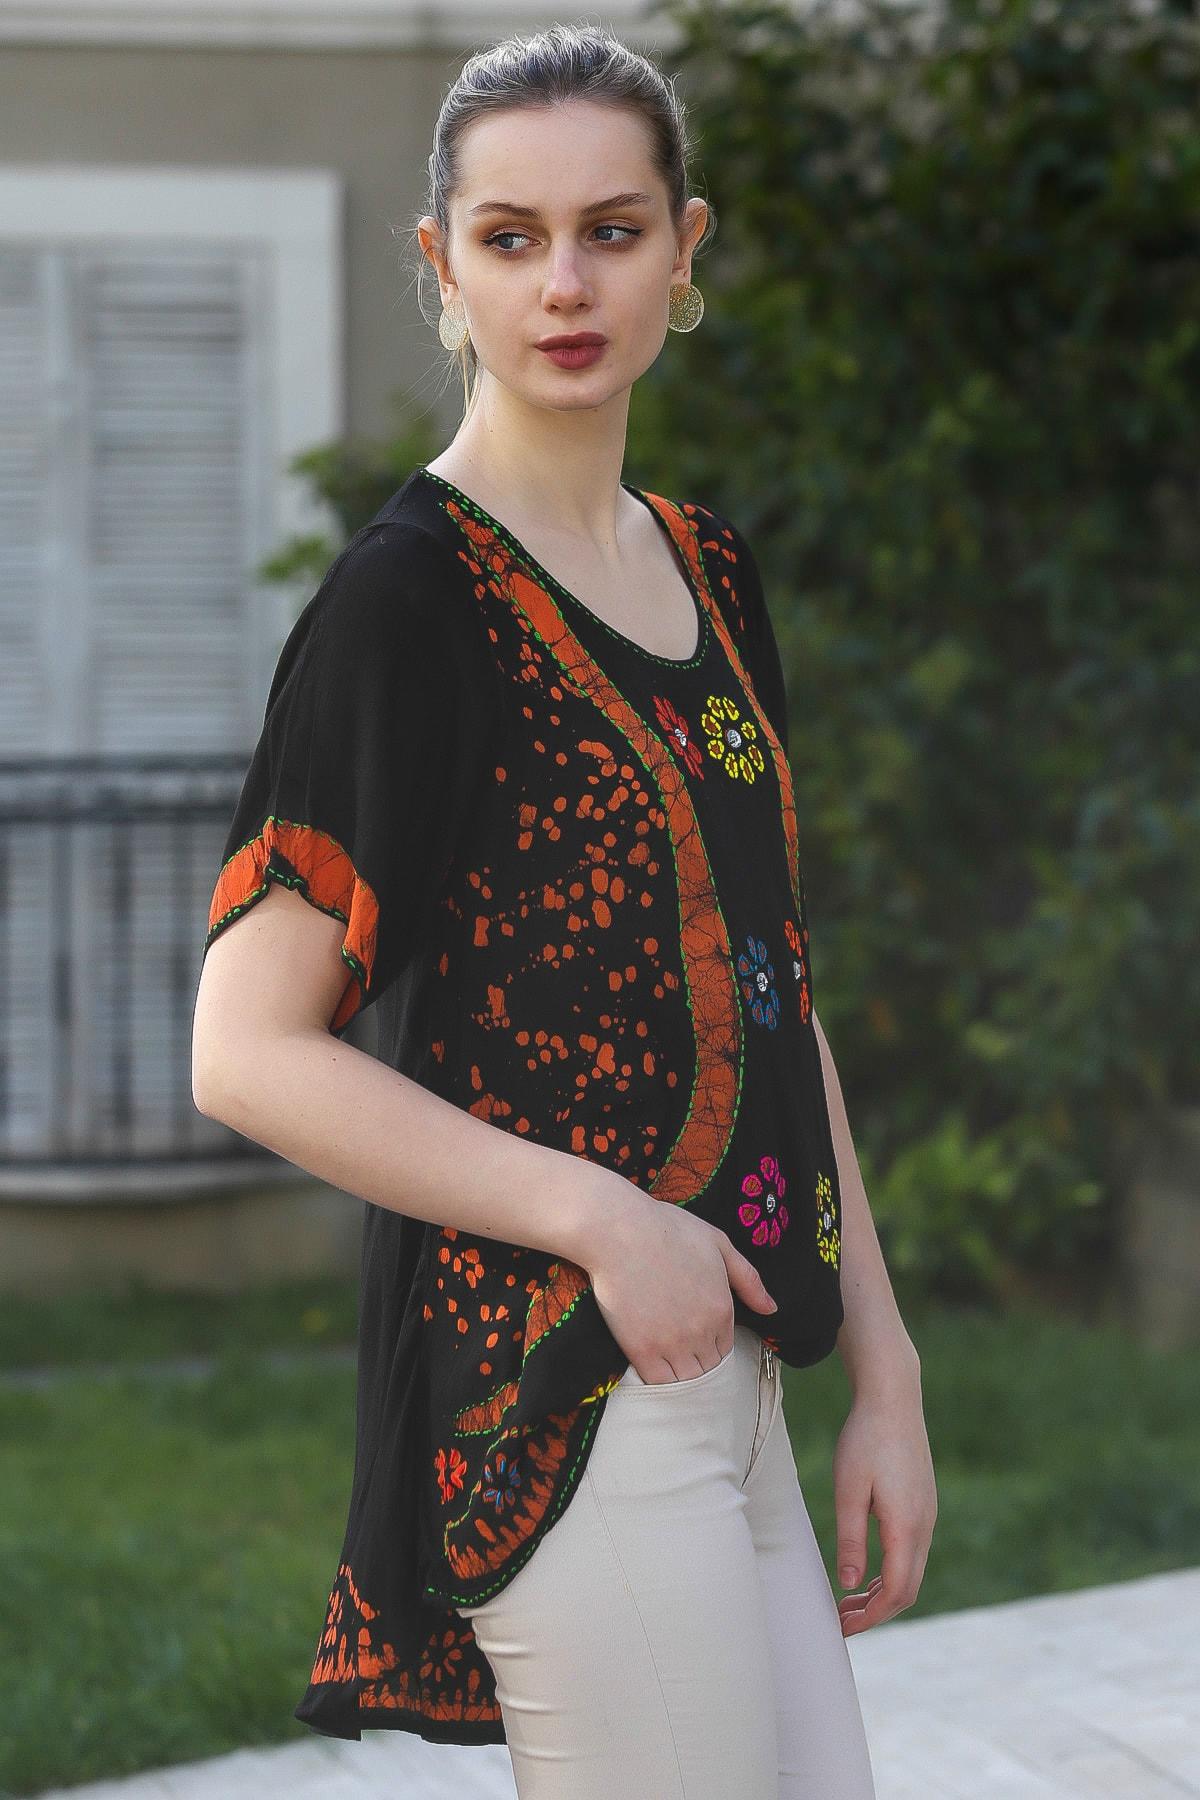 Chiccy Kadın Siyah U Yaka Çiçek Nakışlı Batik Desenli Salaş Tunik Bluz M10010200BL95380 3